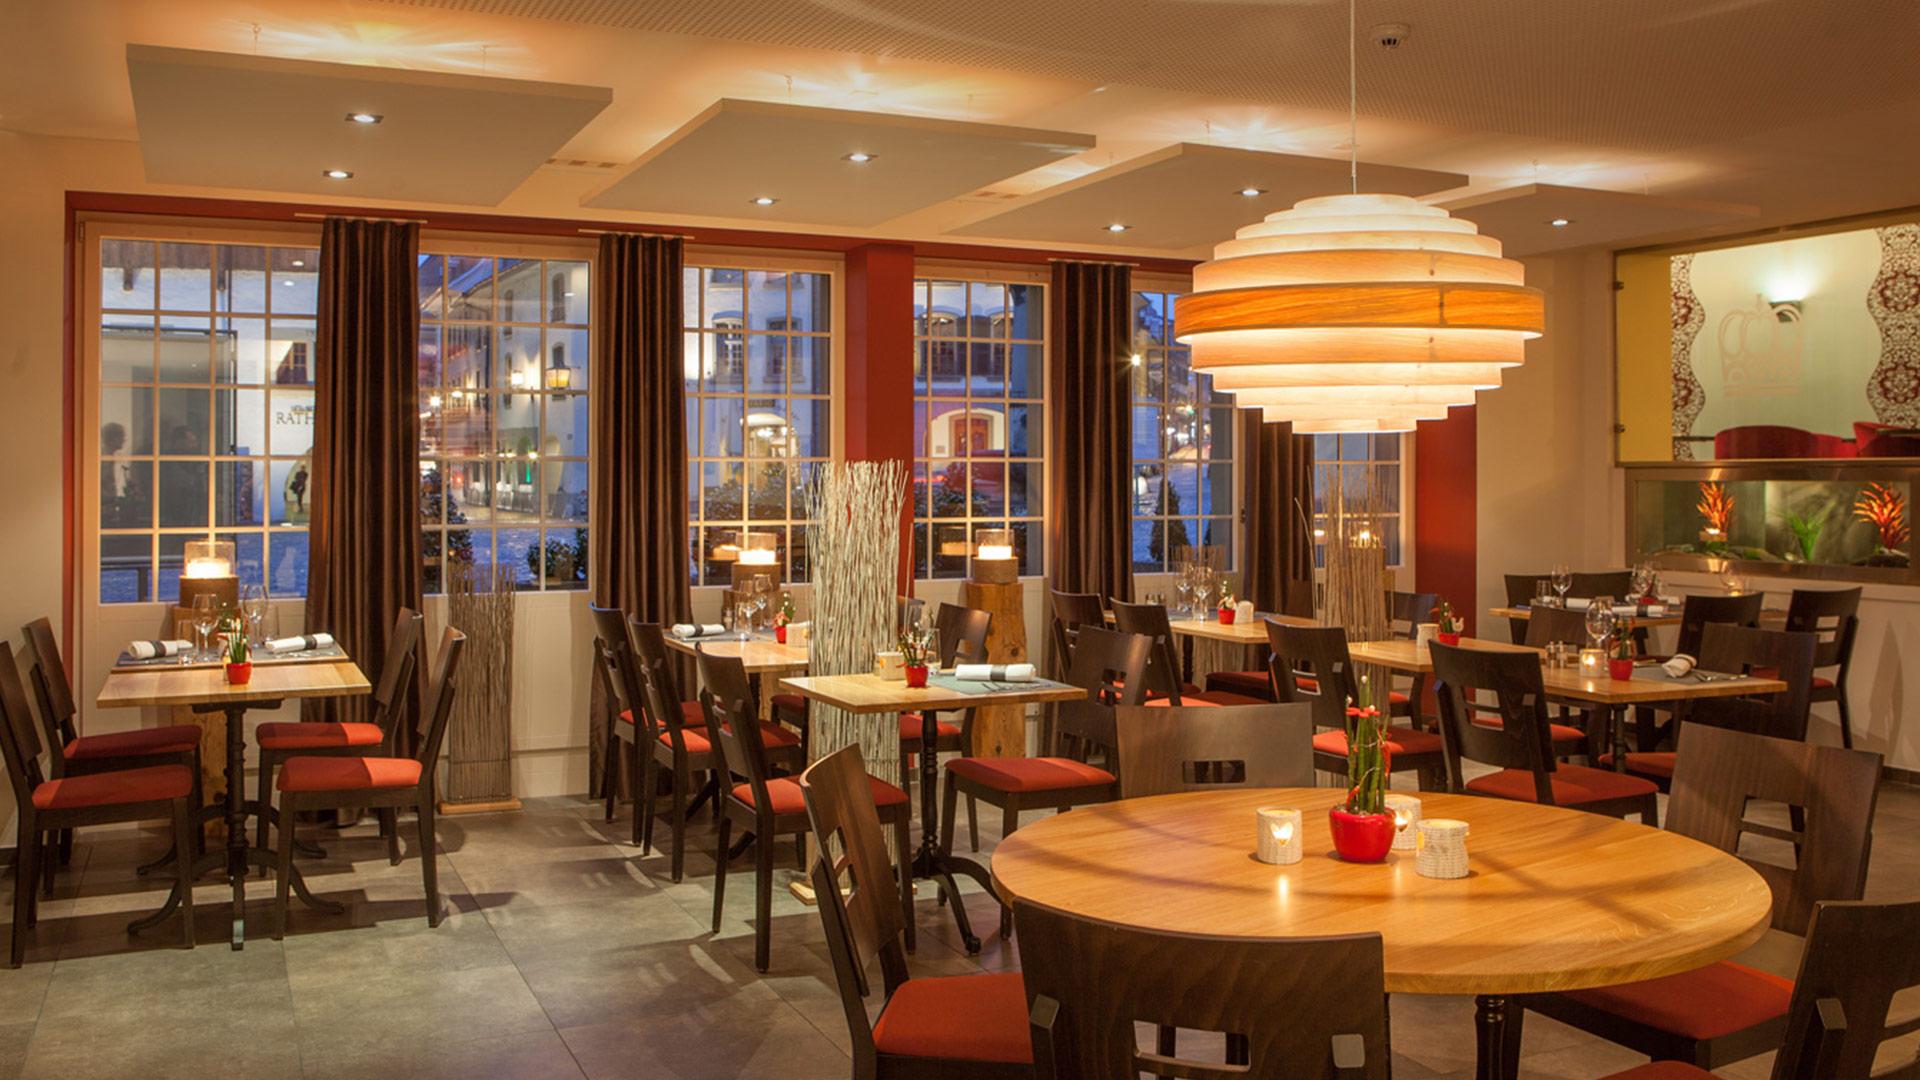 krone-thun-grill-restaurant-tische-ambiente.jpg